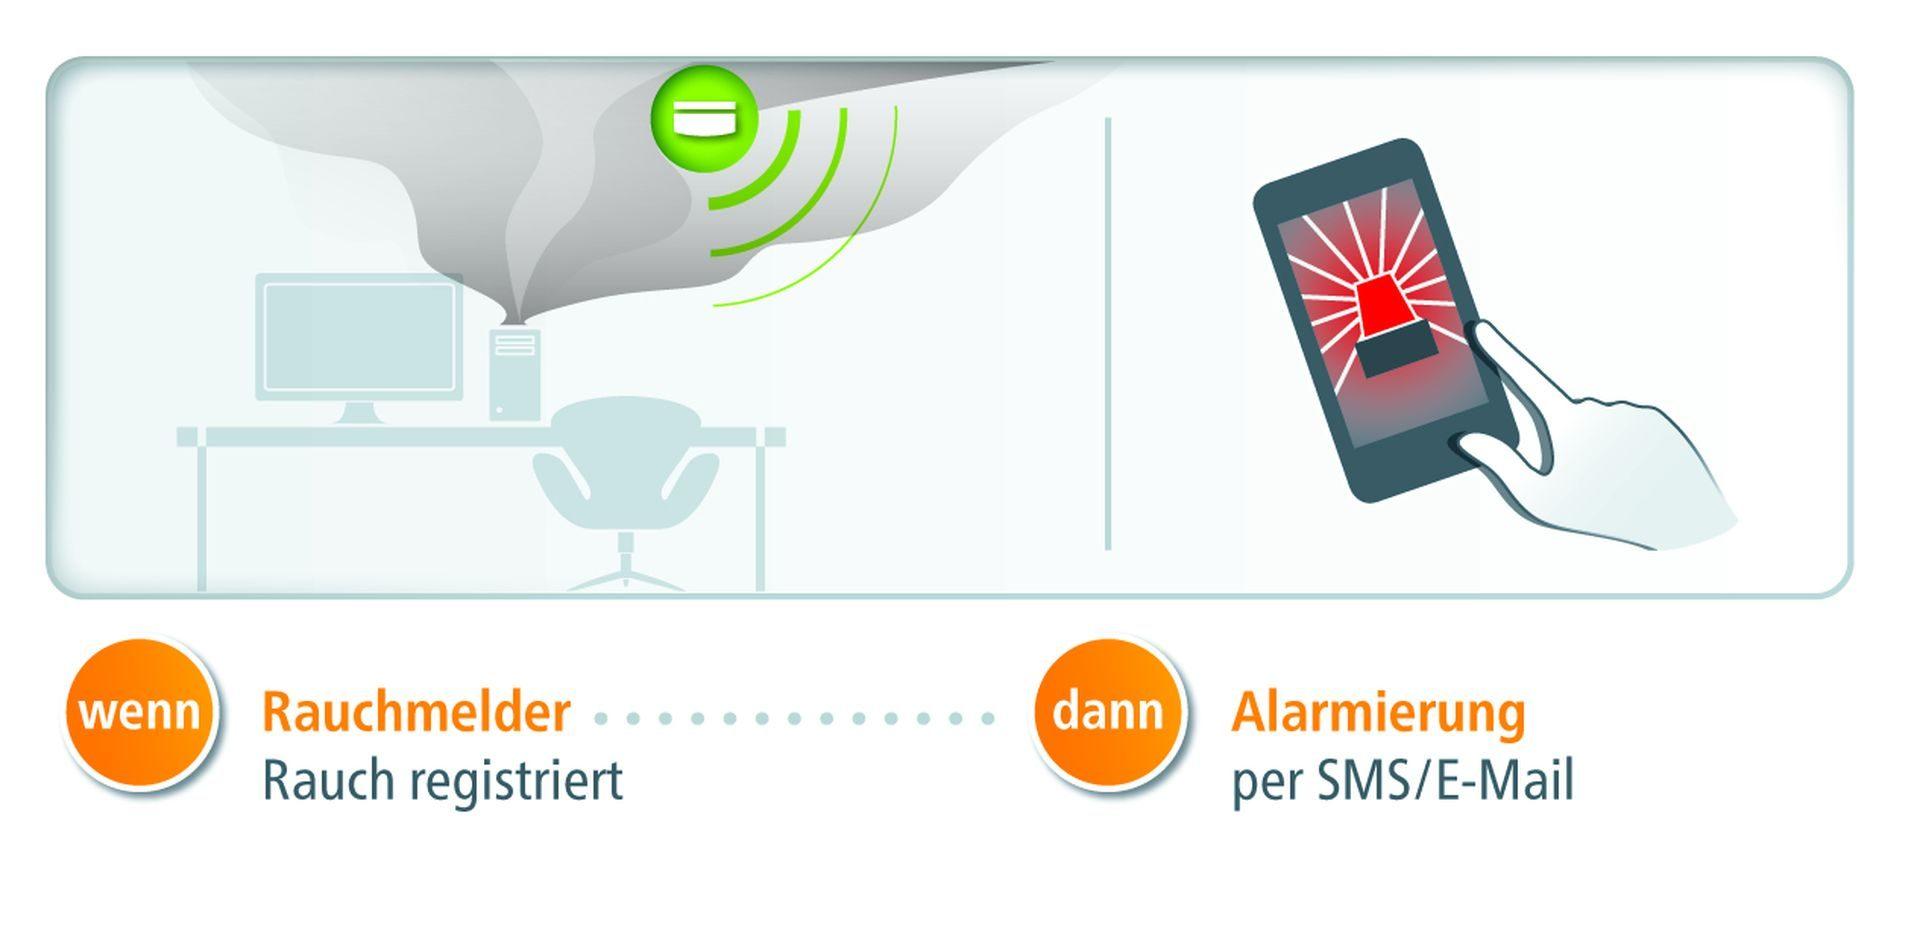 devolo-Home-Control-Smoke-Detector-scenario_1devolo-Home-Control-Smoke-Detector-scenario_1